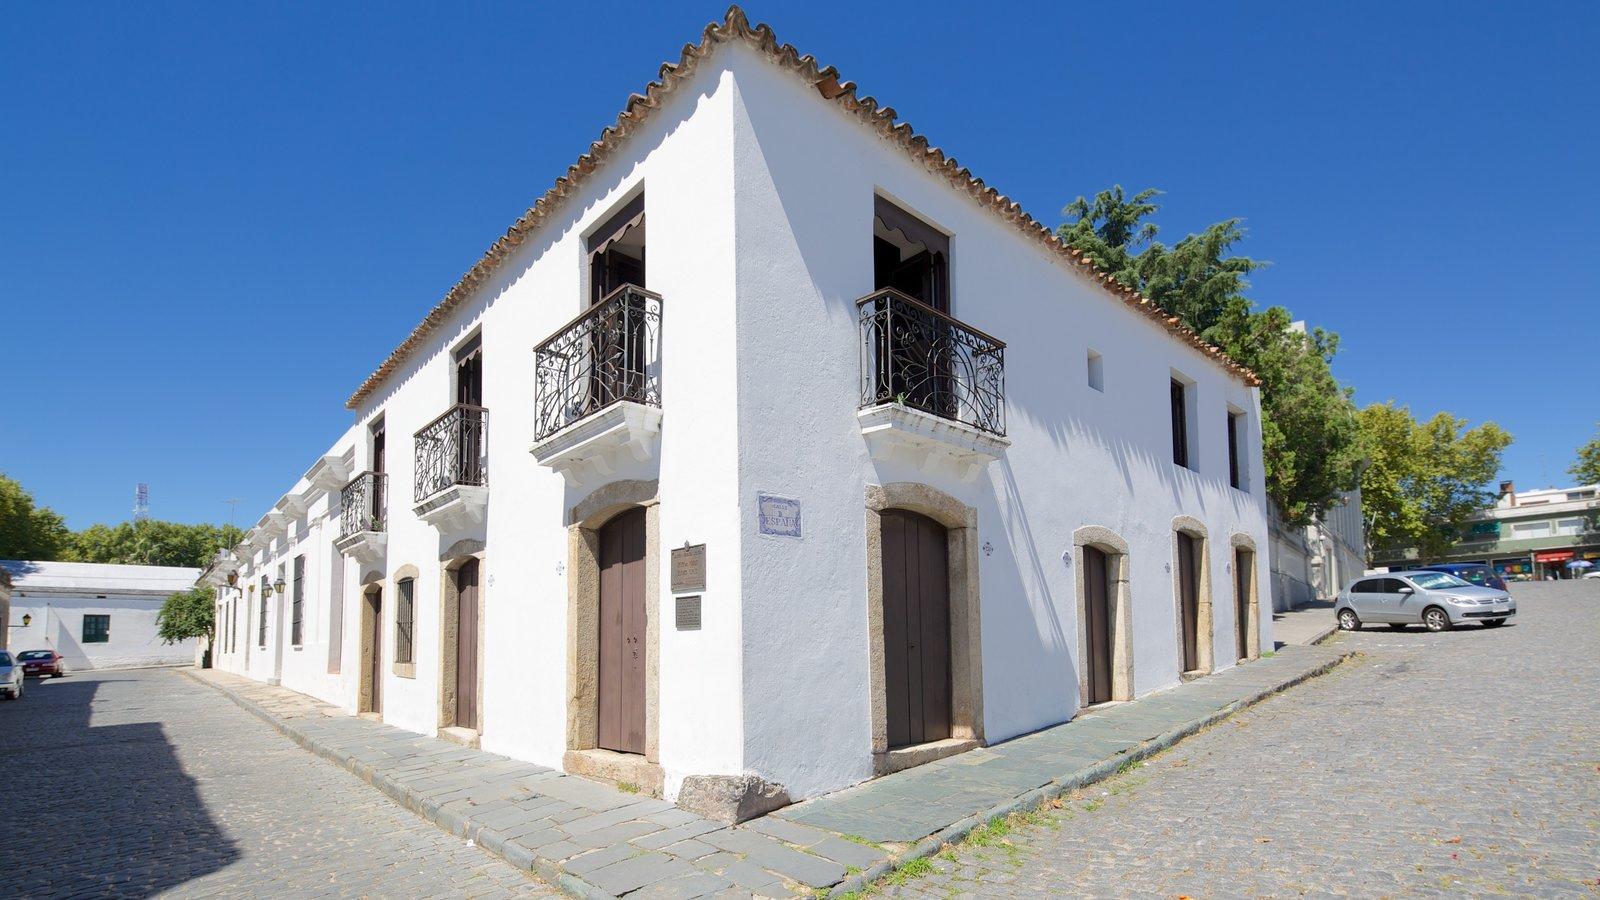 Museu Espanhol que inclui uma cidade pequena ou vila